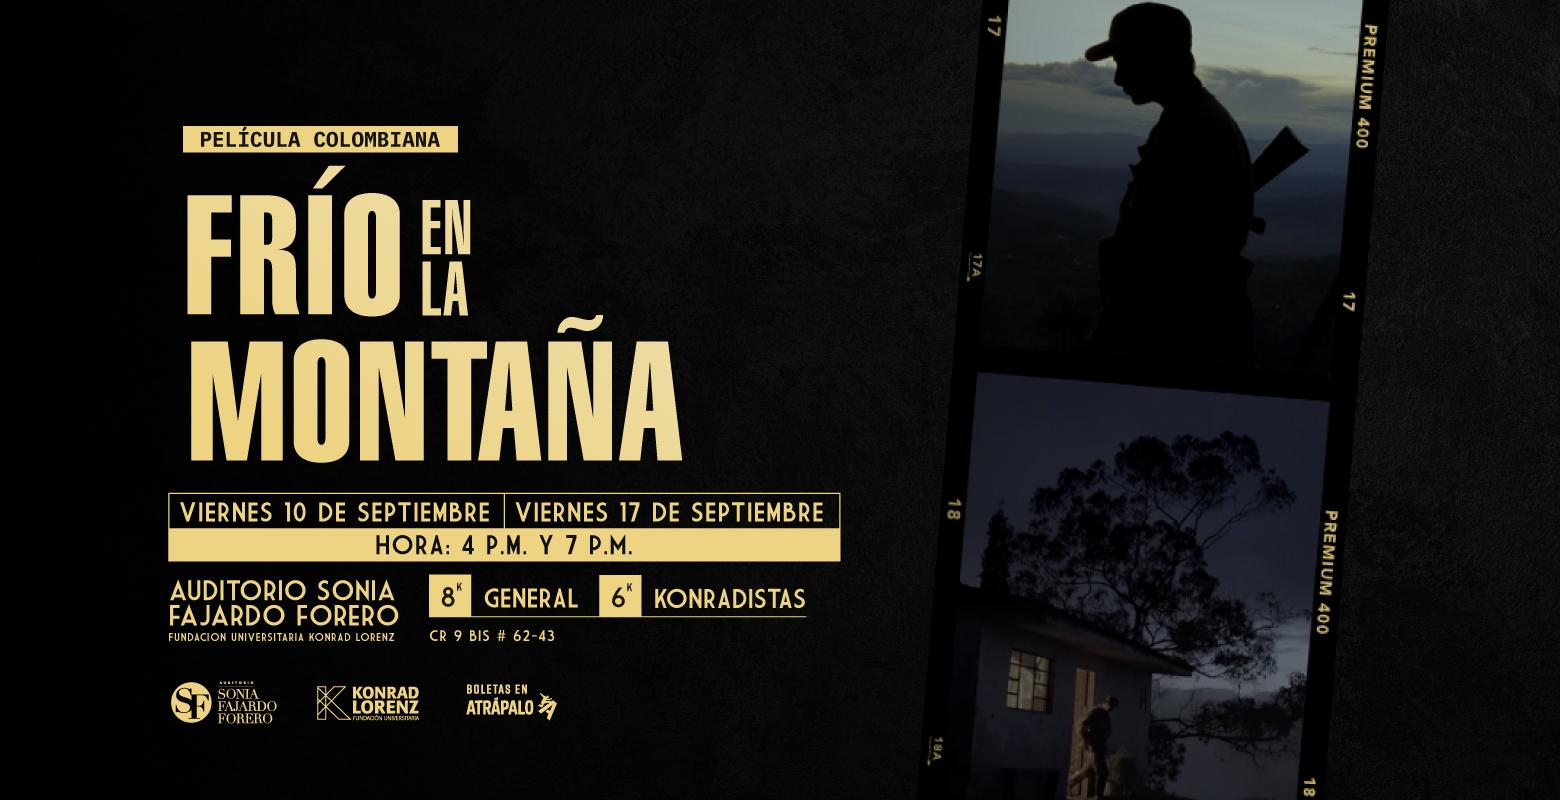 Película Colombiana: Frío en la Montaña